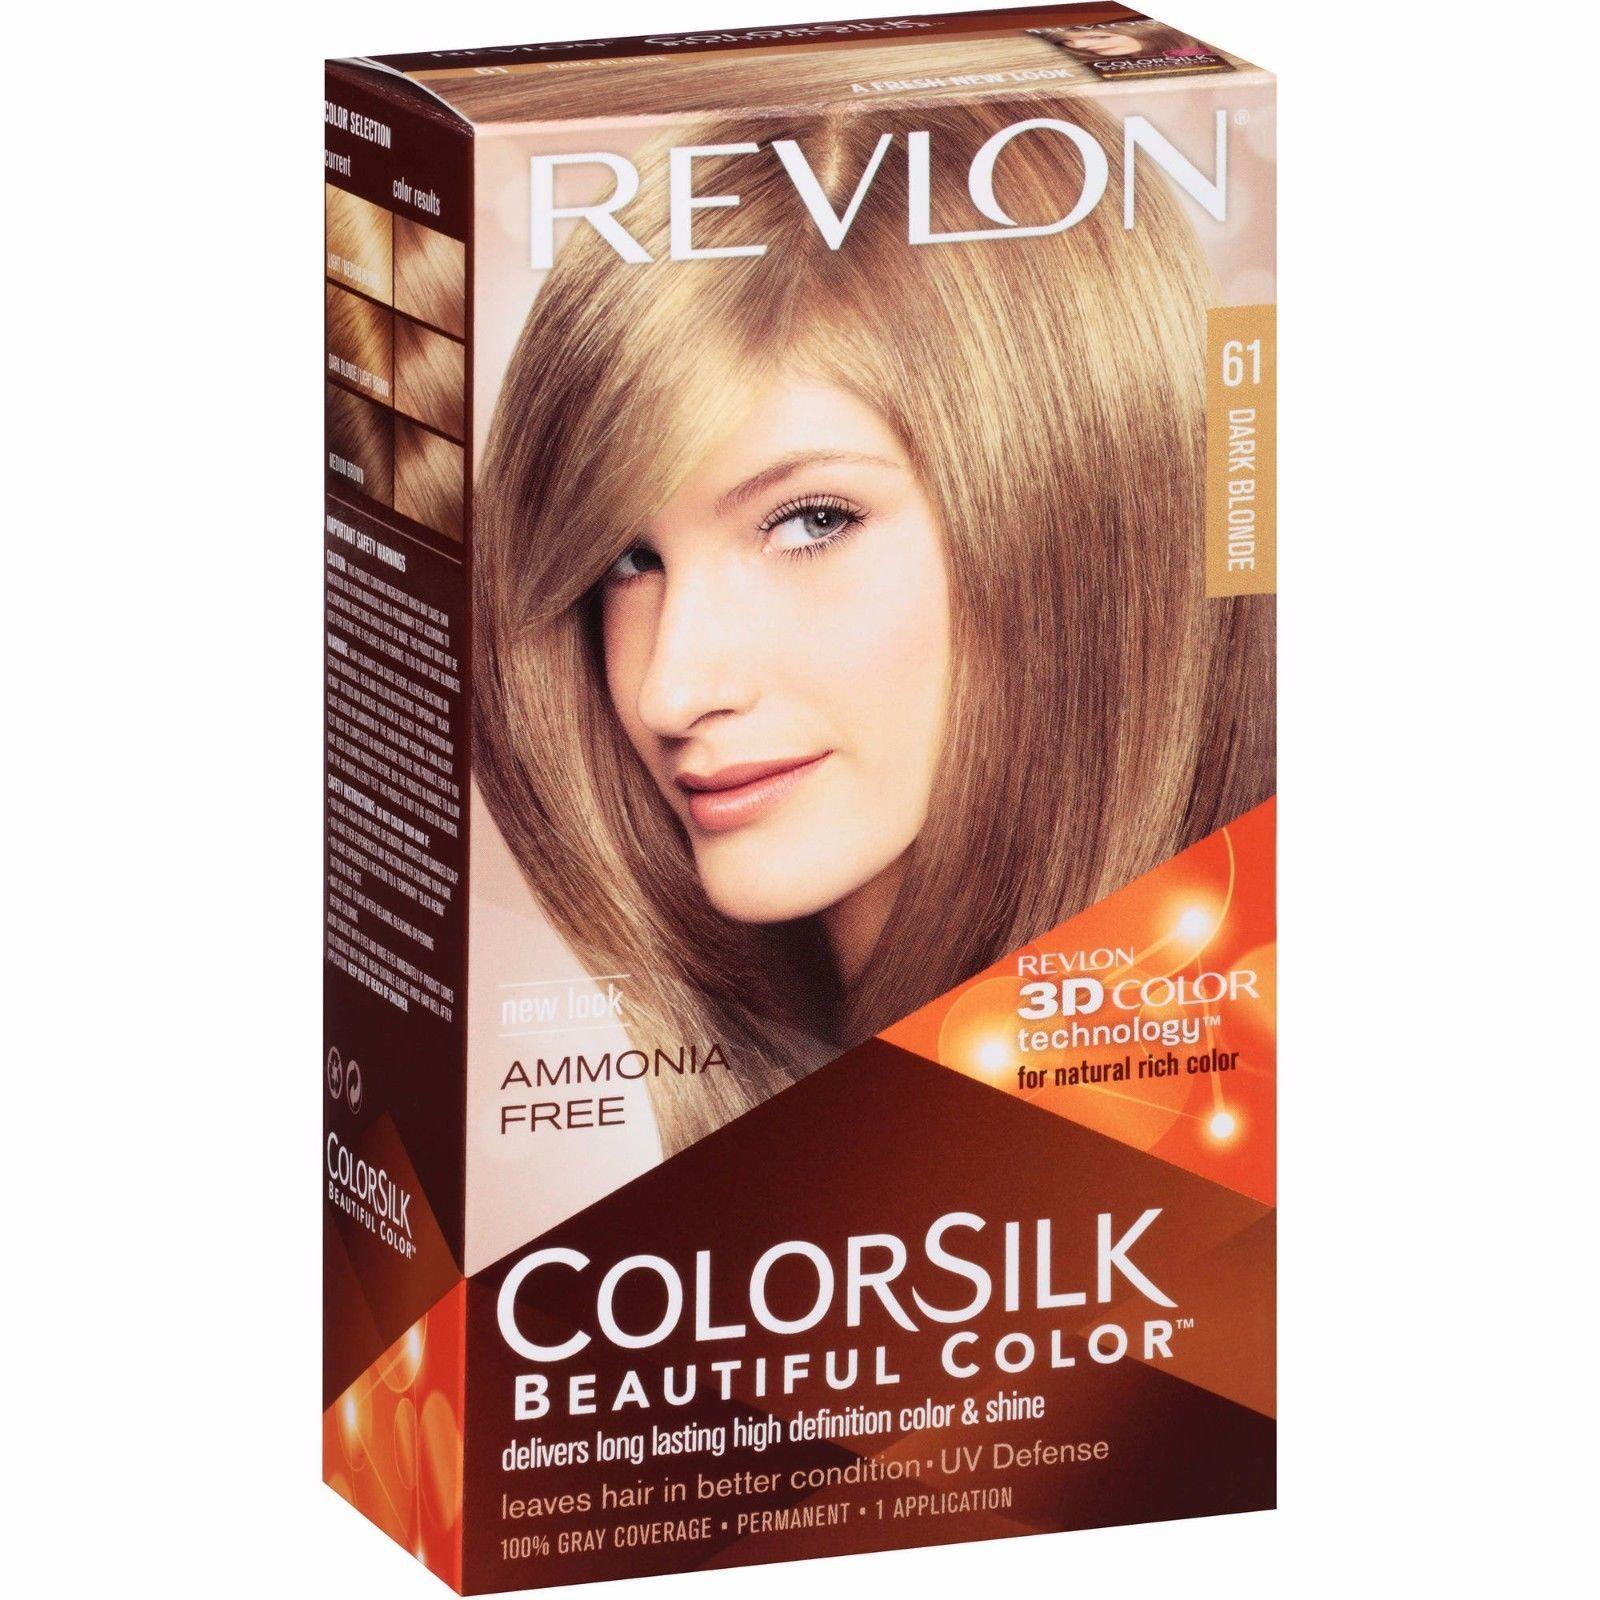 Revlon Colorsilk Beautiful Color 61 Dark Blonde Revlon Colorsilk Hair Color Permanent Hair Dye